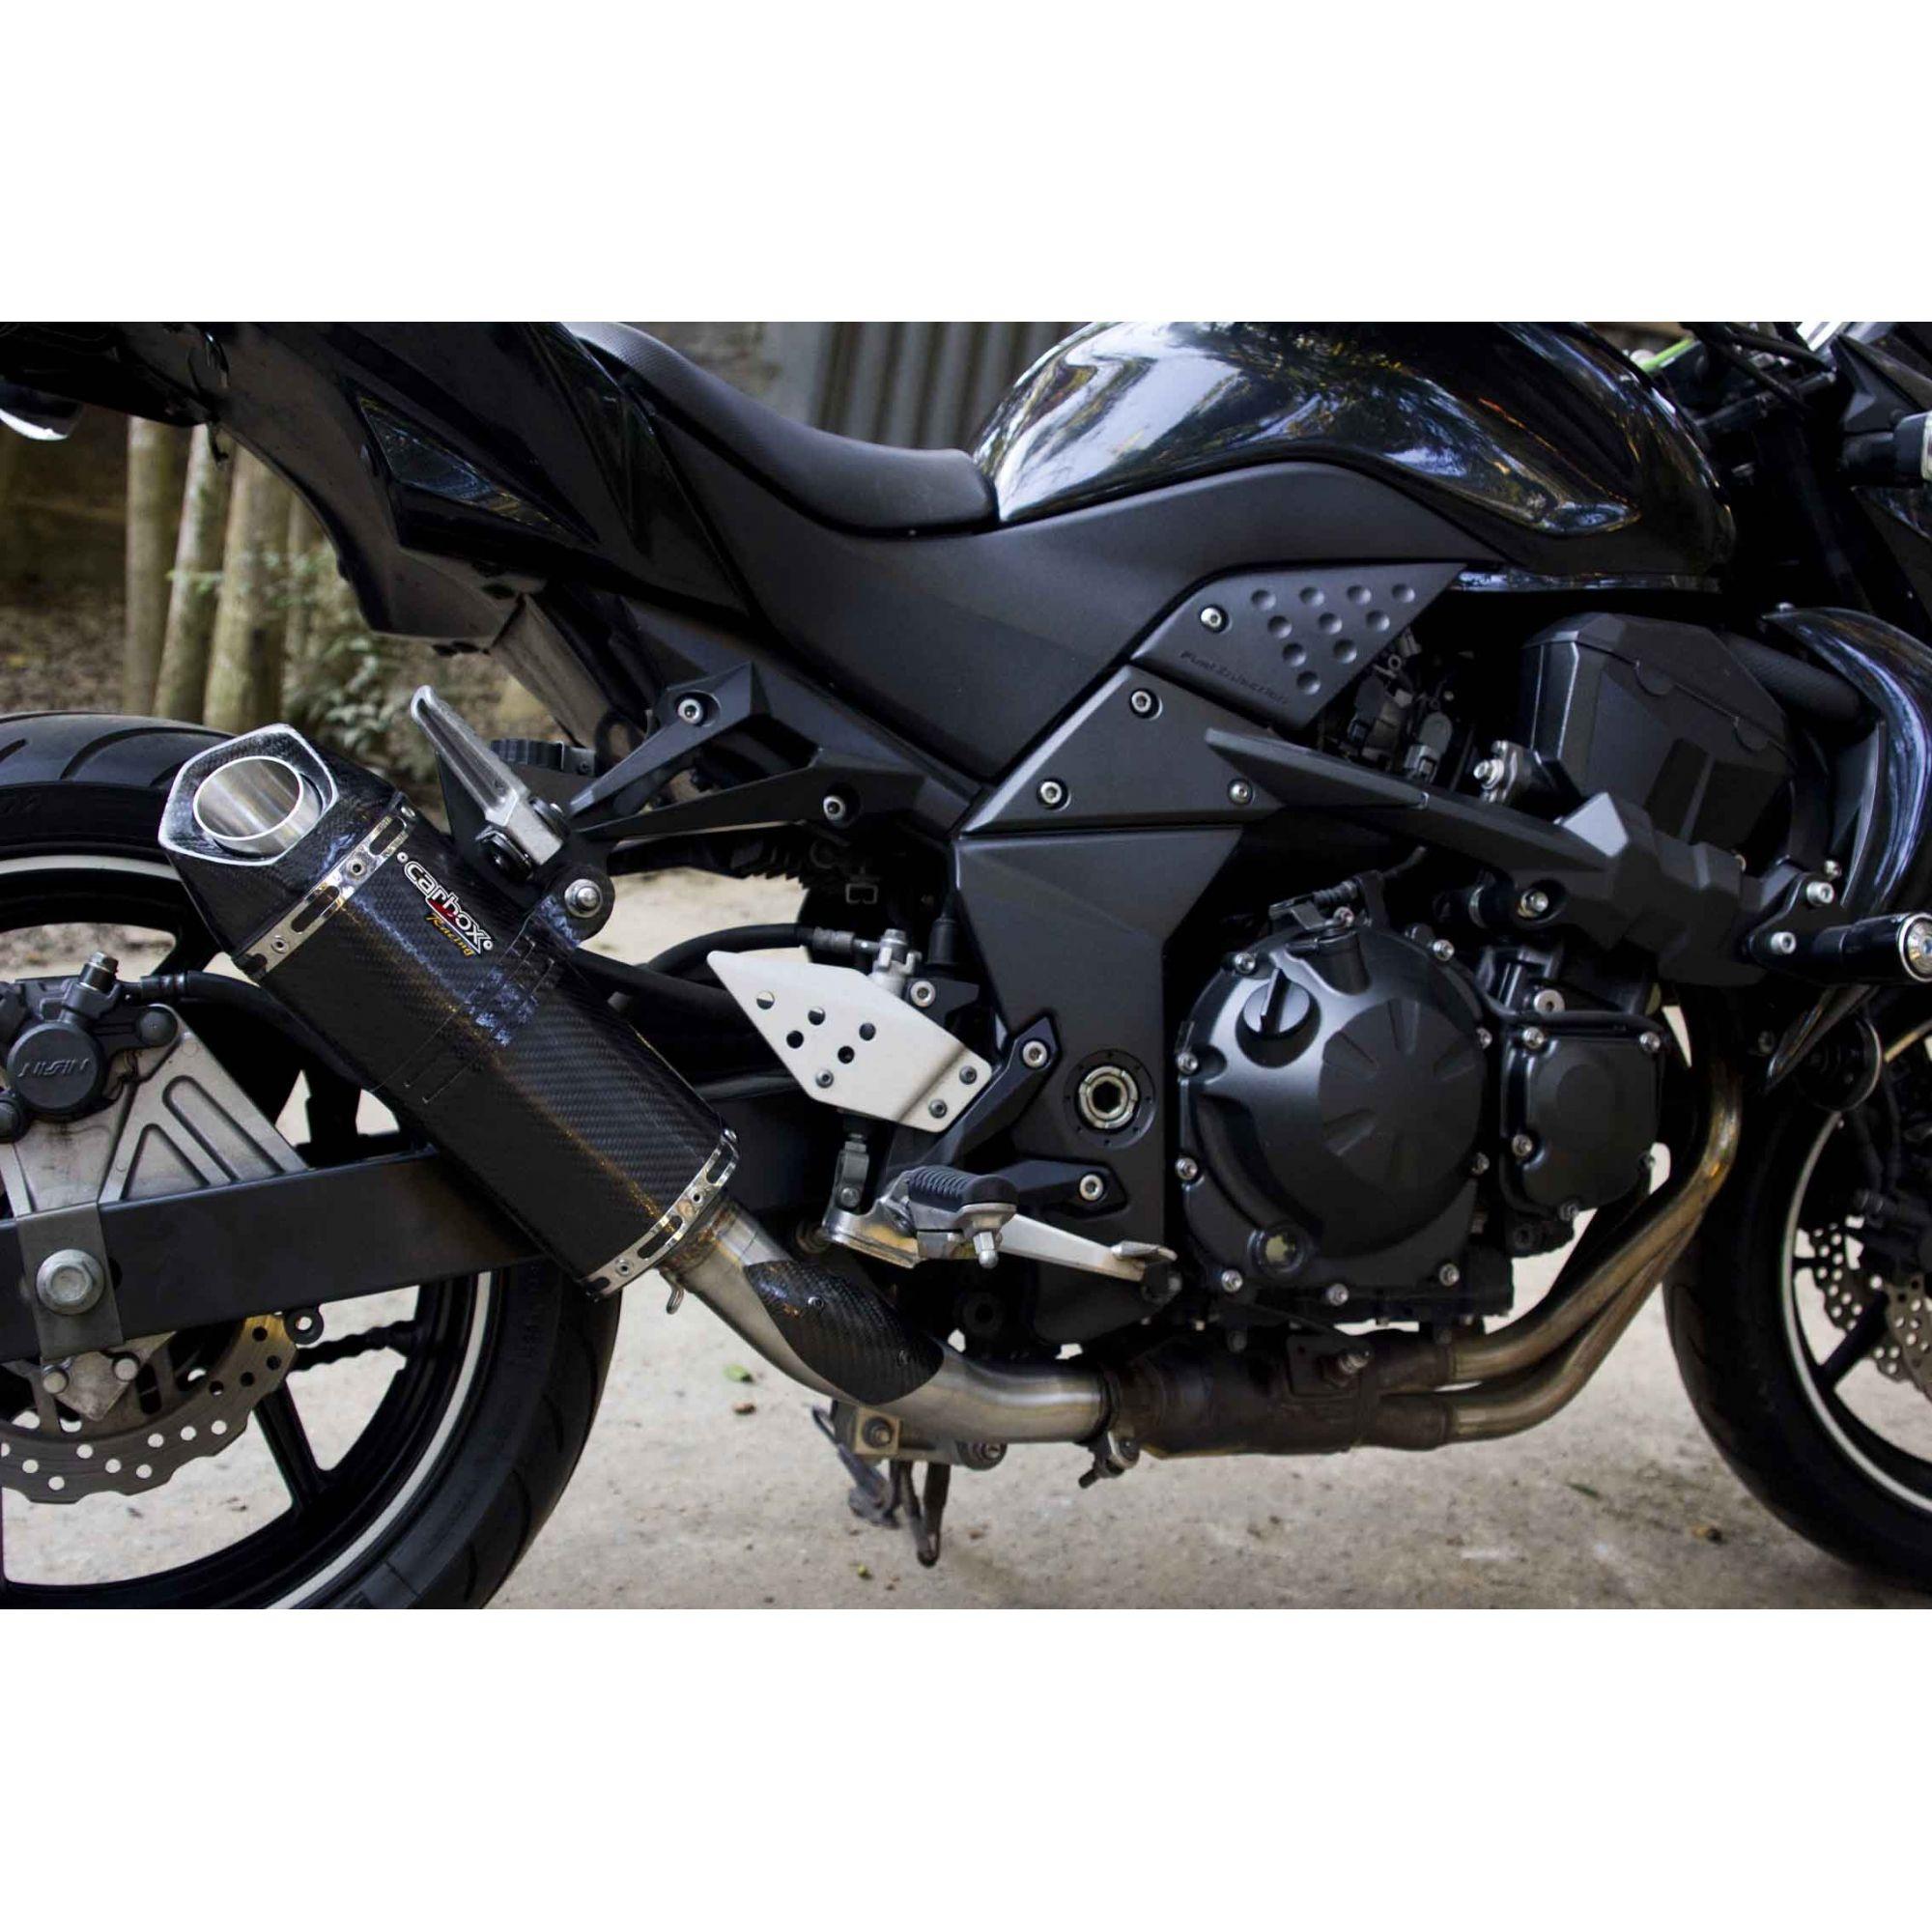 Ponteira Esportiva Shark Carbon p/ Kawasaki Z750